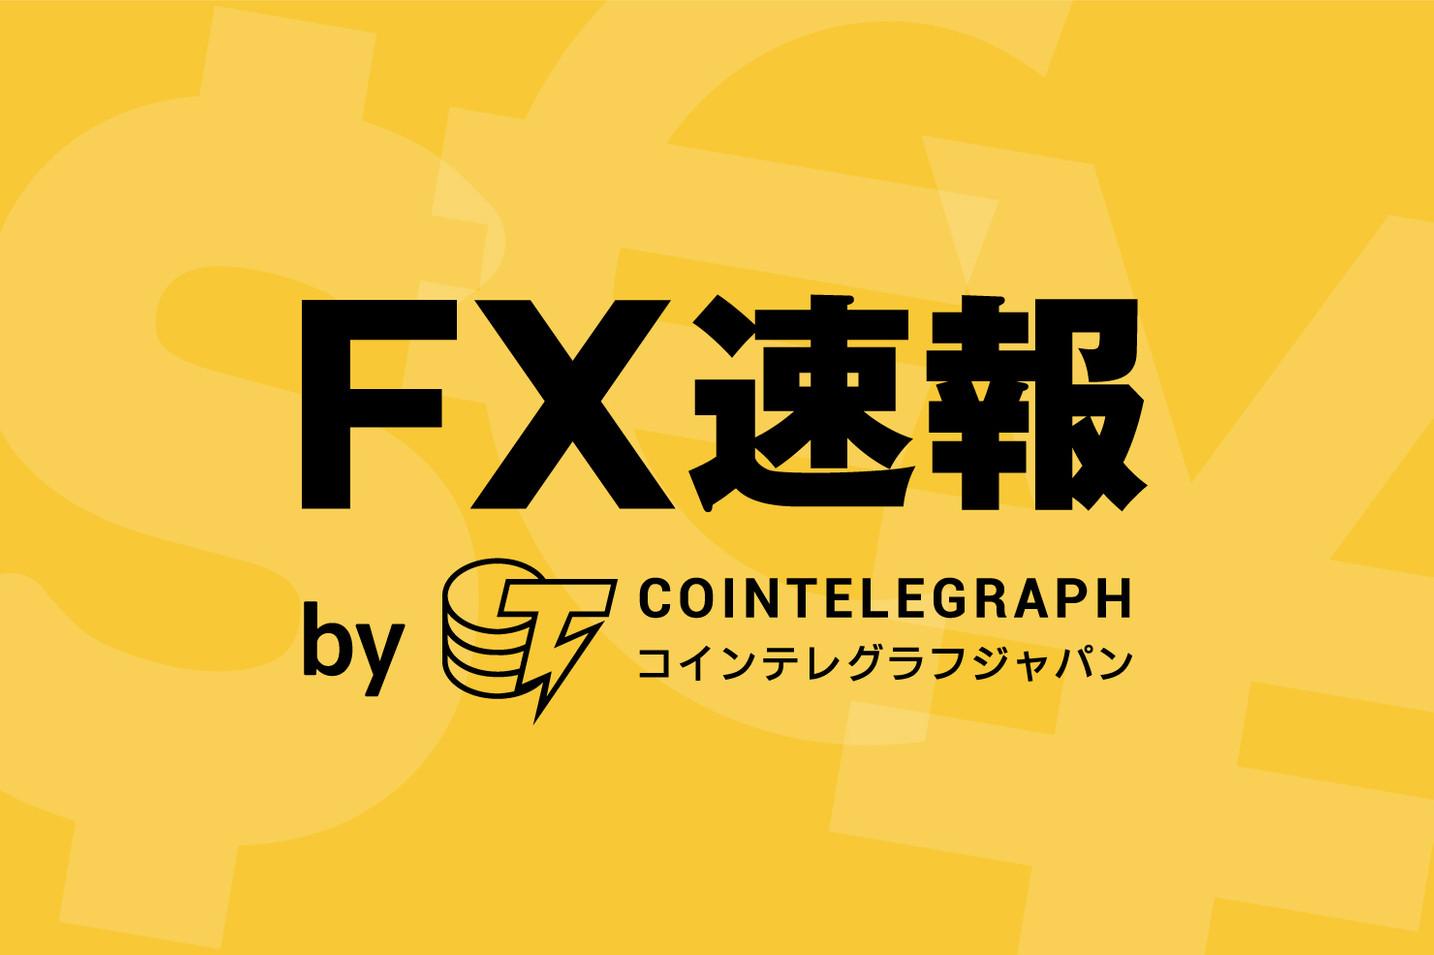 【ポンド円FX予想】12日に総選挙を控え様子見の展開